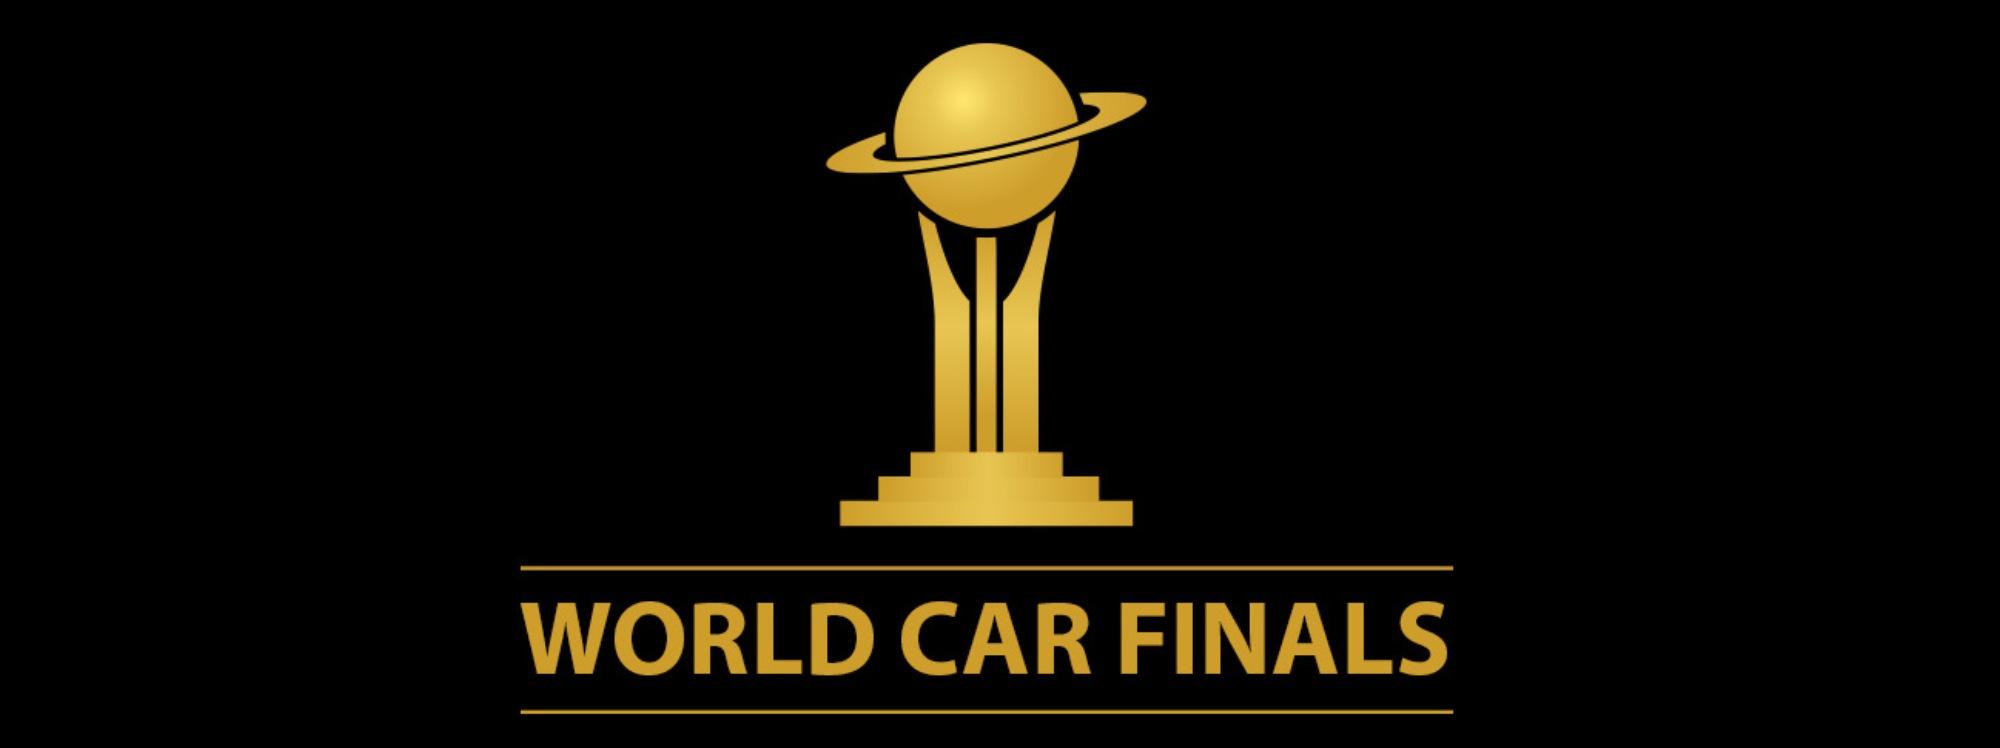 Estos son los finalistas para el auto del año 2021, World Car Awards